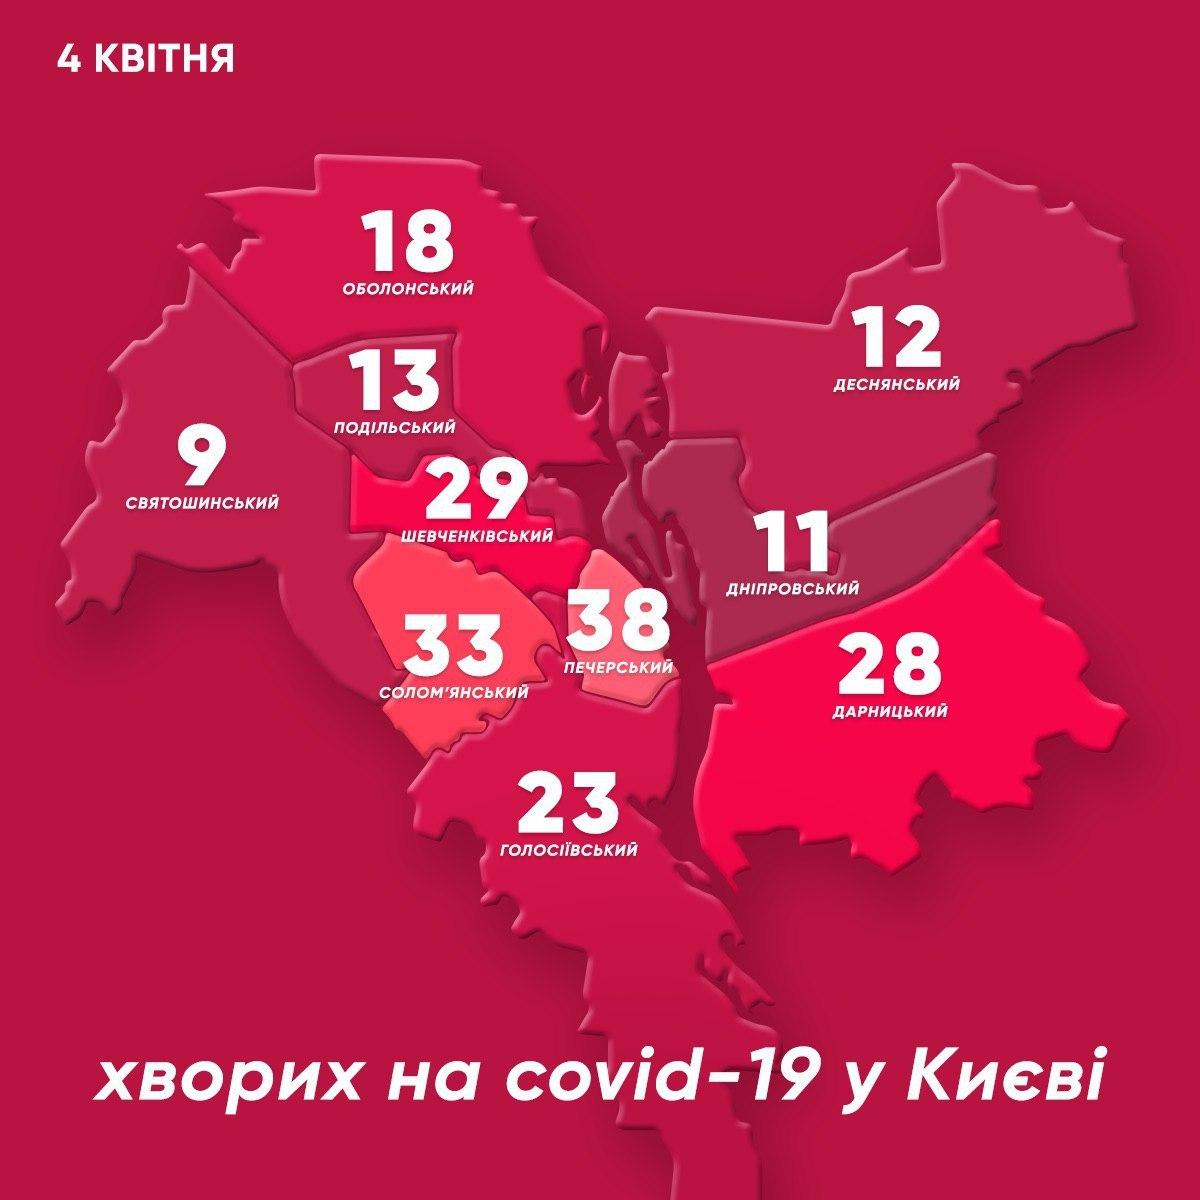 Коронавирус в Киеве: обновленная карта с самыми зараженными районами